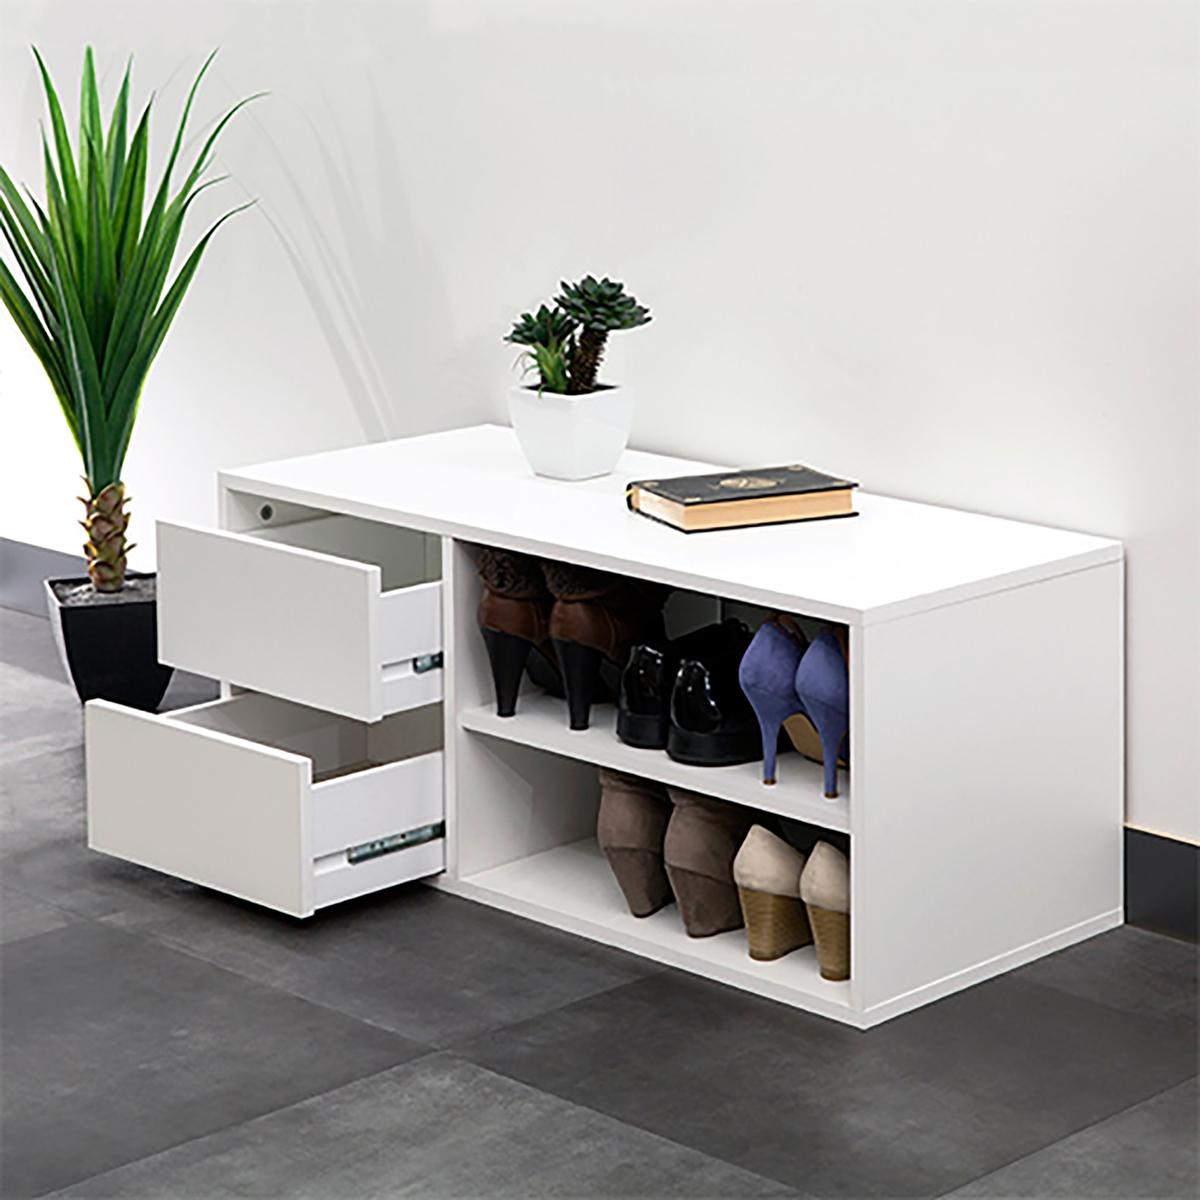 Тумба для обуви ReynalТумба для обуви Reynal. Вмещает до 6 пар обуви: 2 полки и 2 ящика. Ультрапрактичная тумба для обуви сдержанного дизайна производства Франции.Описание тумбы для обуви Reynal:2 полки с регулируемой высотой.2 выдвижных ящика. Характеристики тумбы для обуви Reynal:Панели с меламиновой обработкой толщиной 16 мм, отделка цвета светлого дуба и/или белого цвета.2 цвета отделки на выбор: полностью белого цвета или тумба белого цвета, панели ящиков цвета светлого дуба.Основание из необработанного МДФ. Размеры тумбы для обуви Reynal:Общие:Длина 89,5 см.Глубина 39,6 см.Высота 38,2 см.Ниша: Д.51,3 x Г.39,6 x В.35 см.Ящик: Д.32,9 x Г.36 x В.12 см. Размеры и вес упаковки:1 упаковка: Д.103.3 x Г.45.4 x В.9.2 см. 20.7 кг. Производство: Франция. Доставка:Туба для обуви Reynal продается в разобранном виде. Возможна доставка до квартиры!Внимание! Убедитесь, что товар возможно доставить на дом, учитывая его габариты (проходит в двери, по лестницам, в лифты).<br><br>Цвет: белый<br>Размер: единый размер